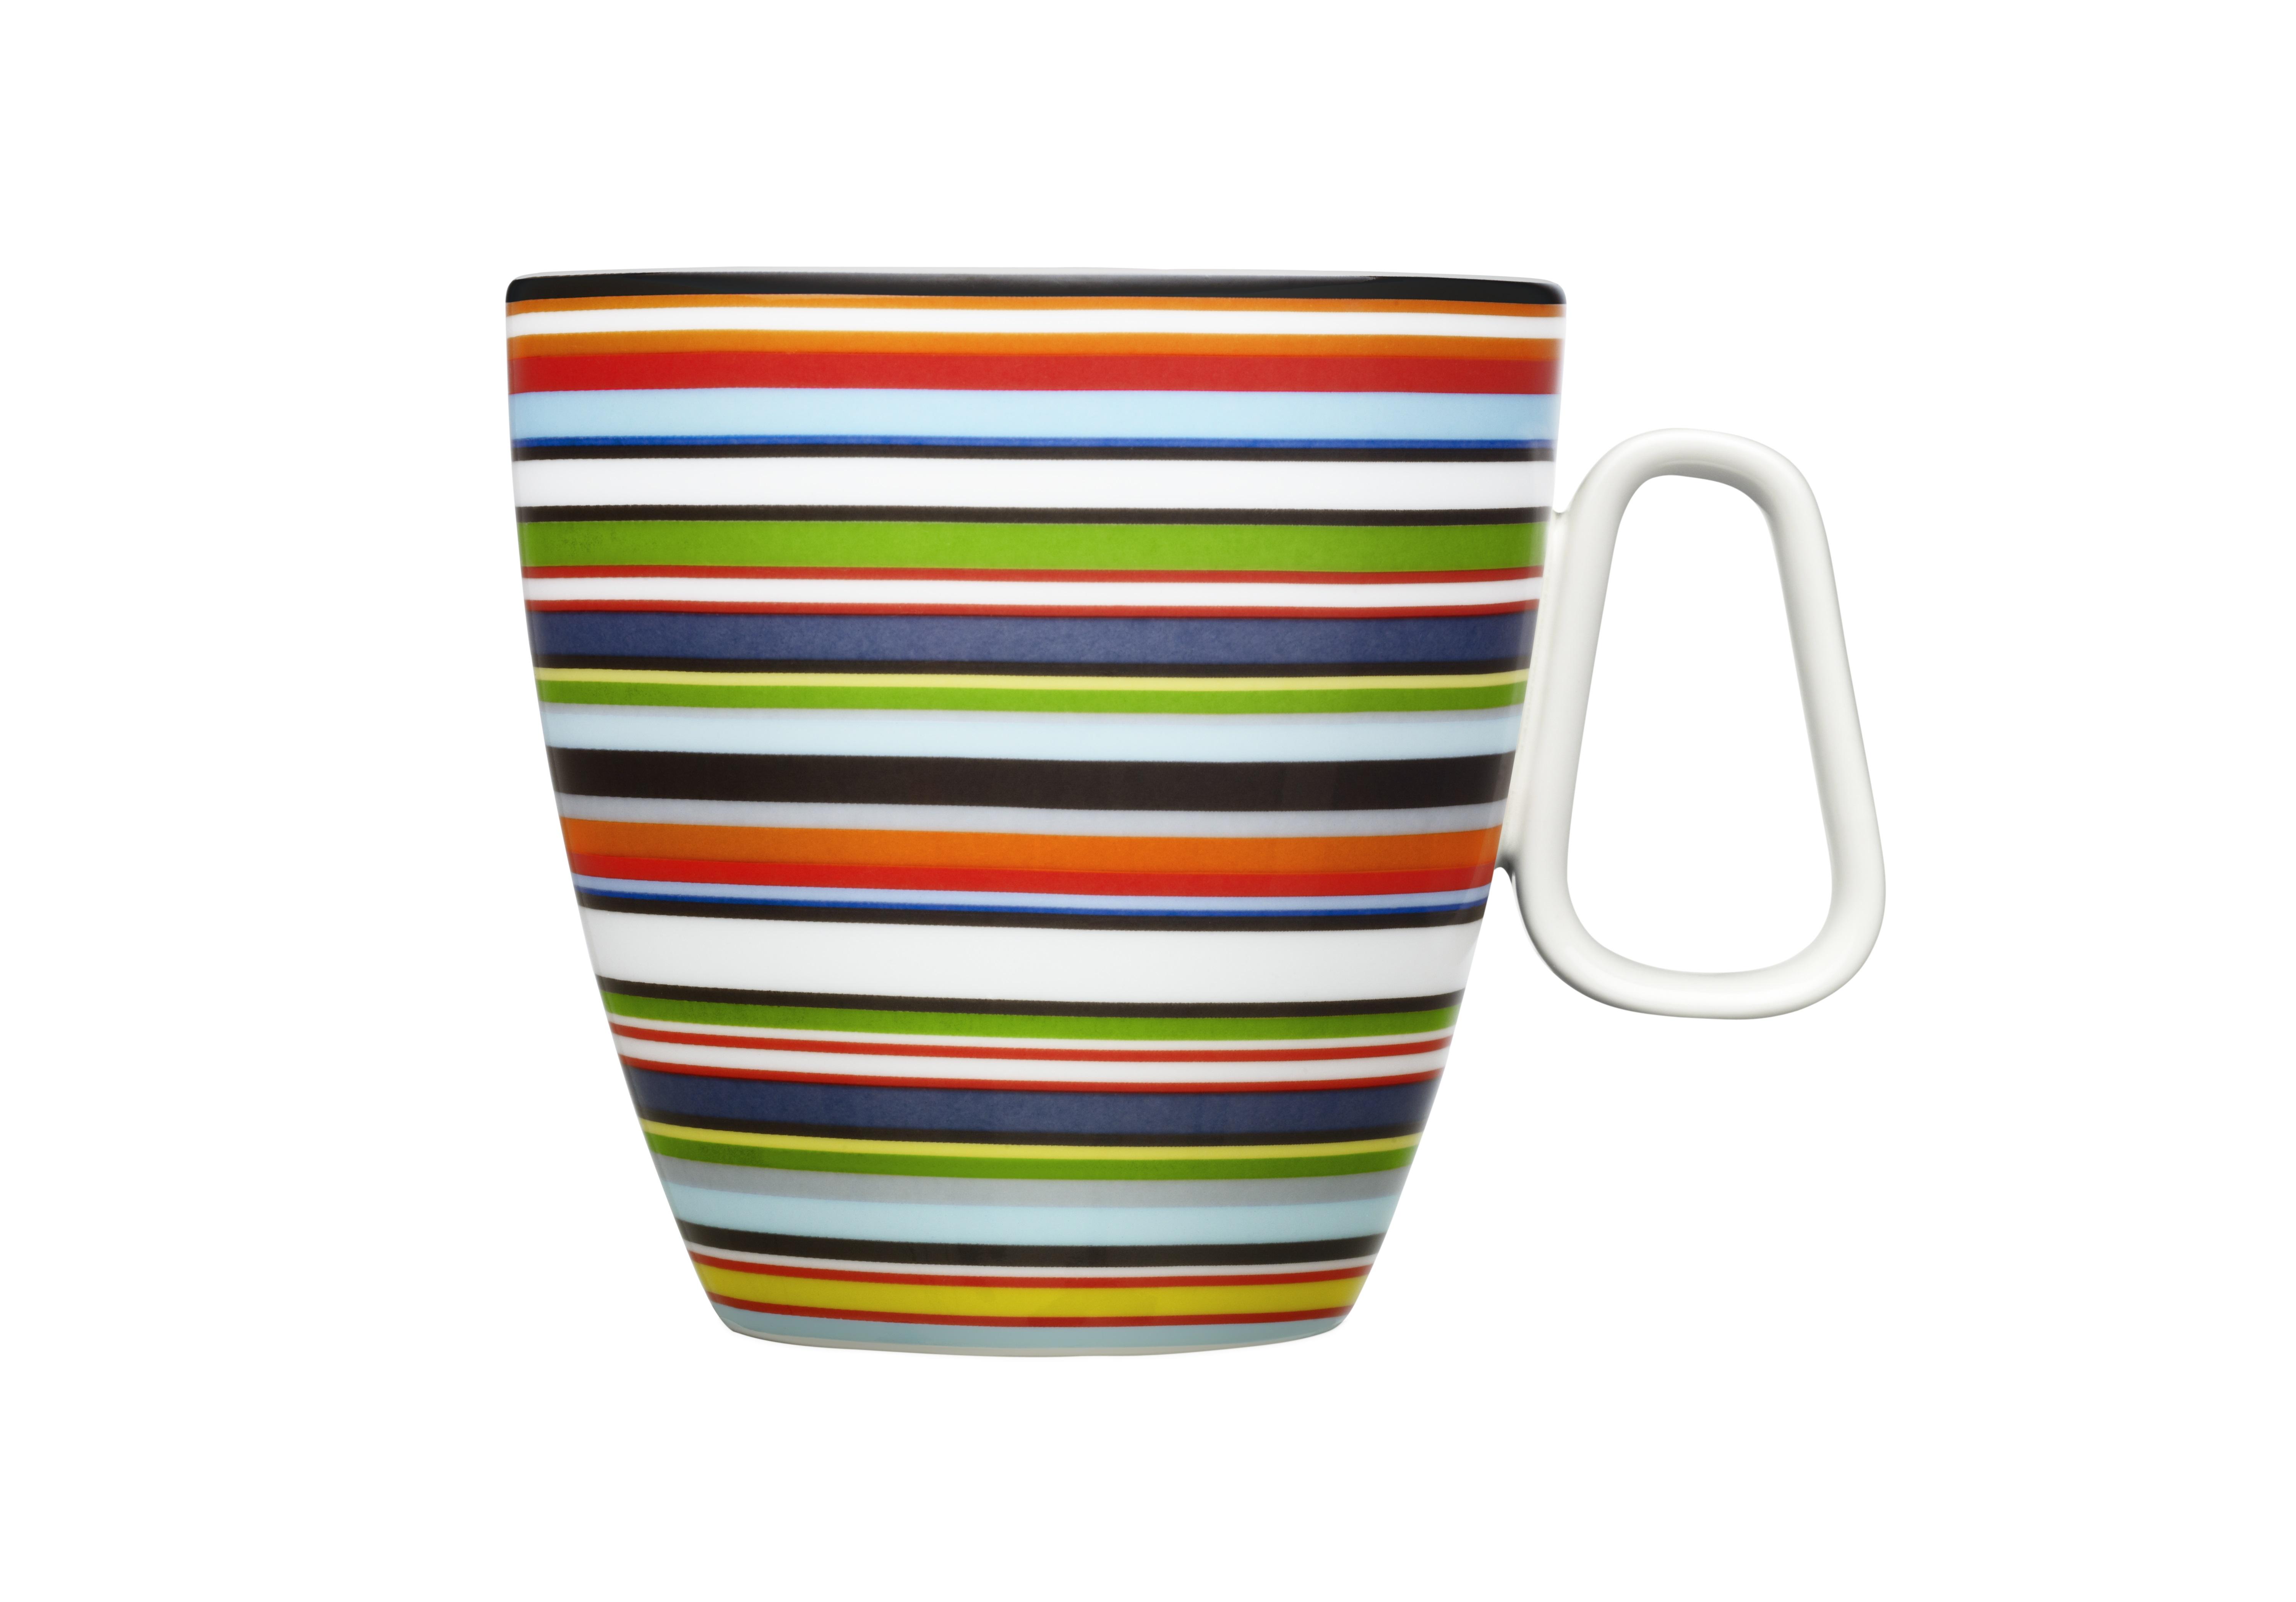 Чашка OrigoЧайные пары, чашки и кружки<br>Смелый полосатый рисунок посуды серии Origo будет свежо смотреться на любой кухне. Посуда прекрасно сочетается с посудой других серий Iittala и подходит для приёма любой пищи. Впервые серия вышла 1999 году и с того момента стала невероятно популярной во всем мире.<br><br>Material: Фарфор<br>Length см: None<br>Width см: 12<br>Depth см: 9<br>Height см: 9<br>Diameter см: None